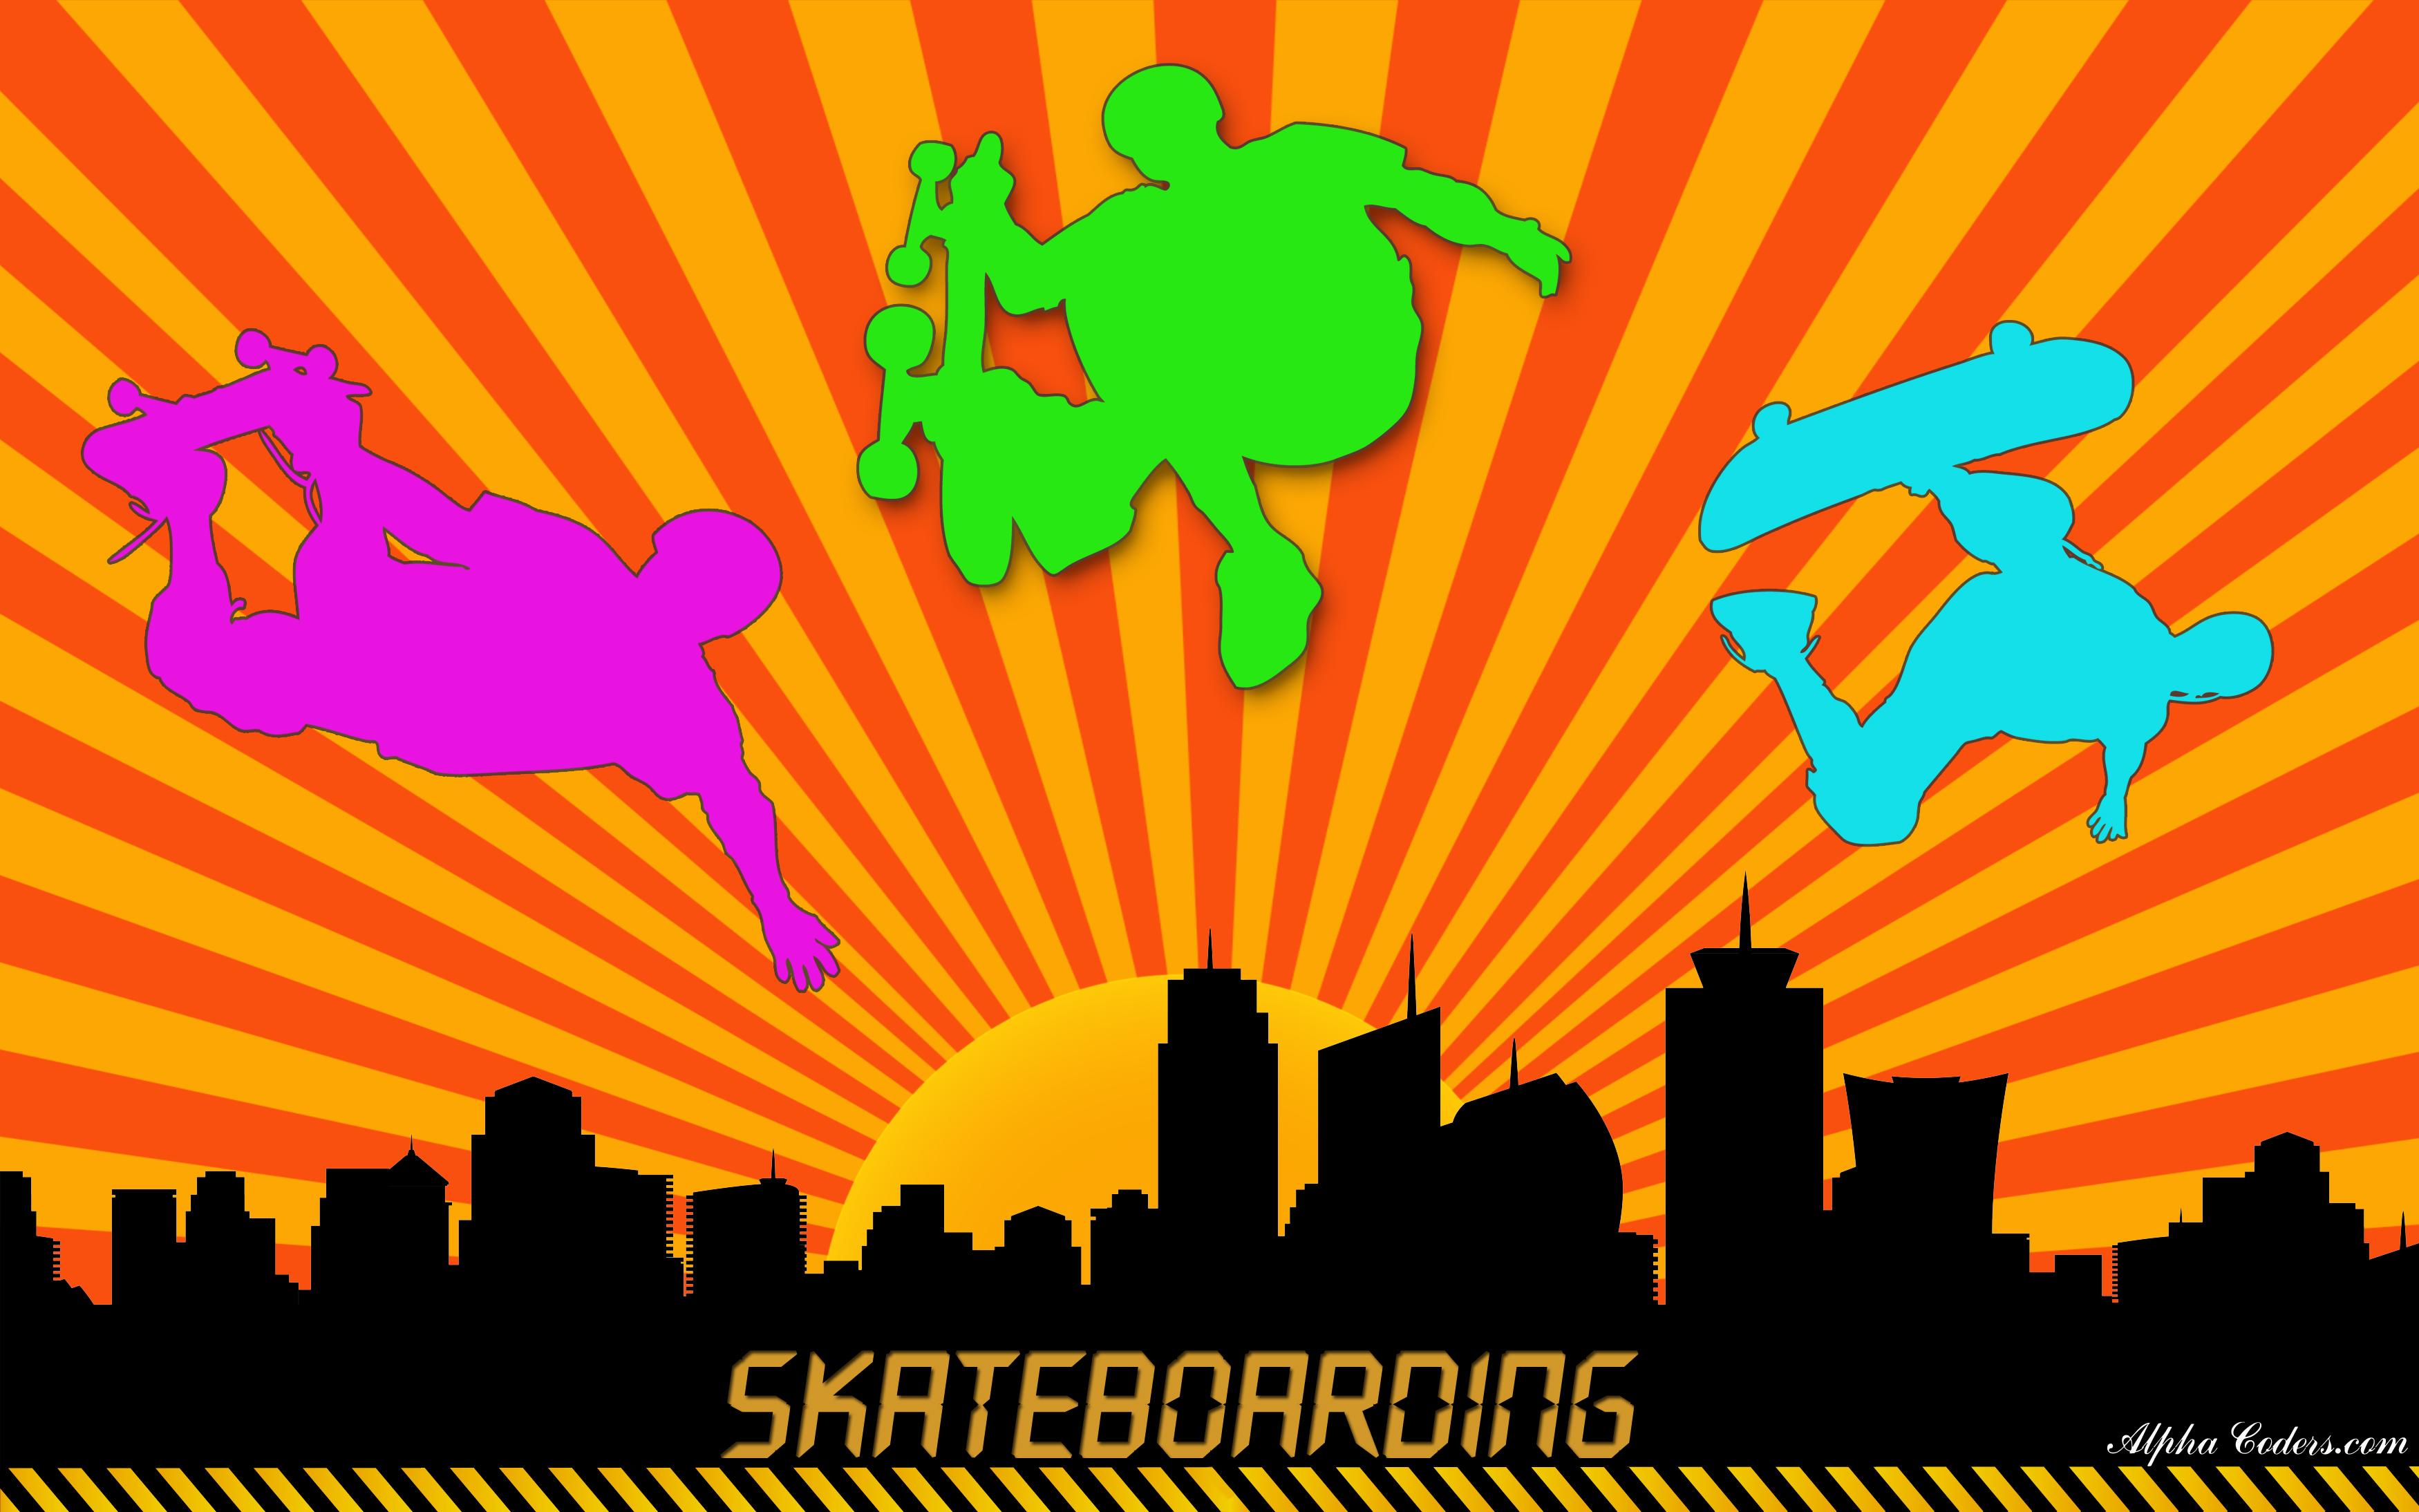 skate wallpaper iphone hd